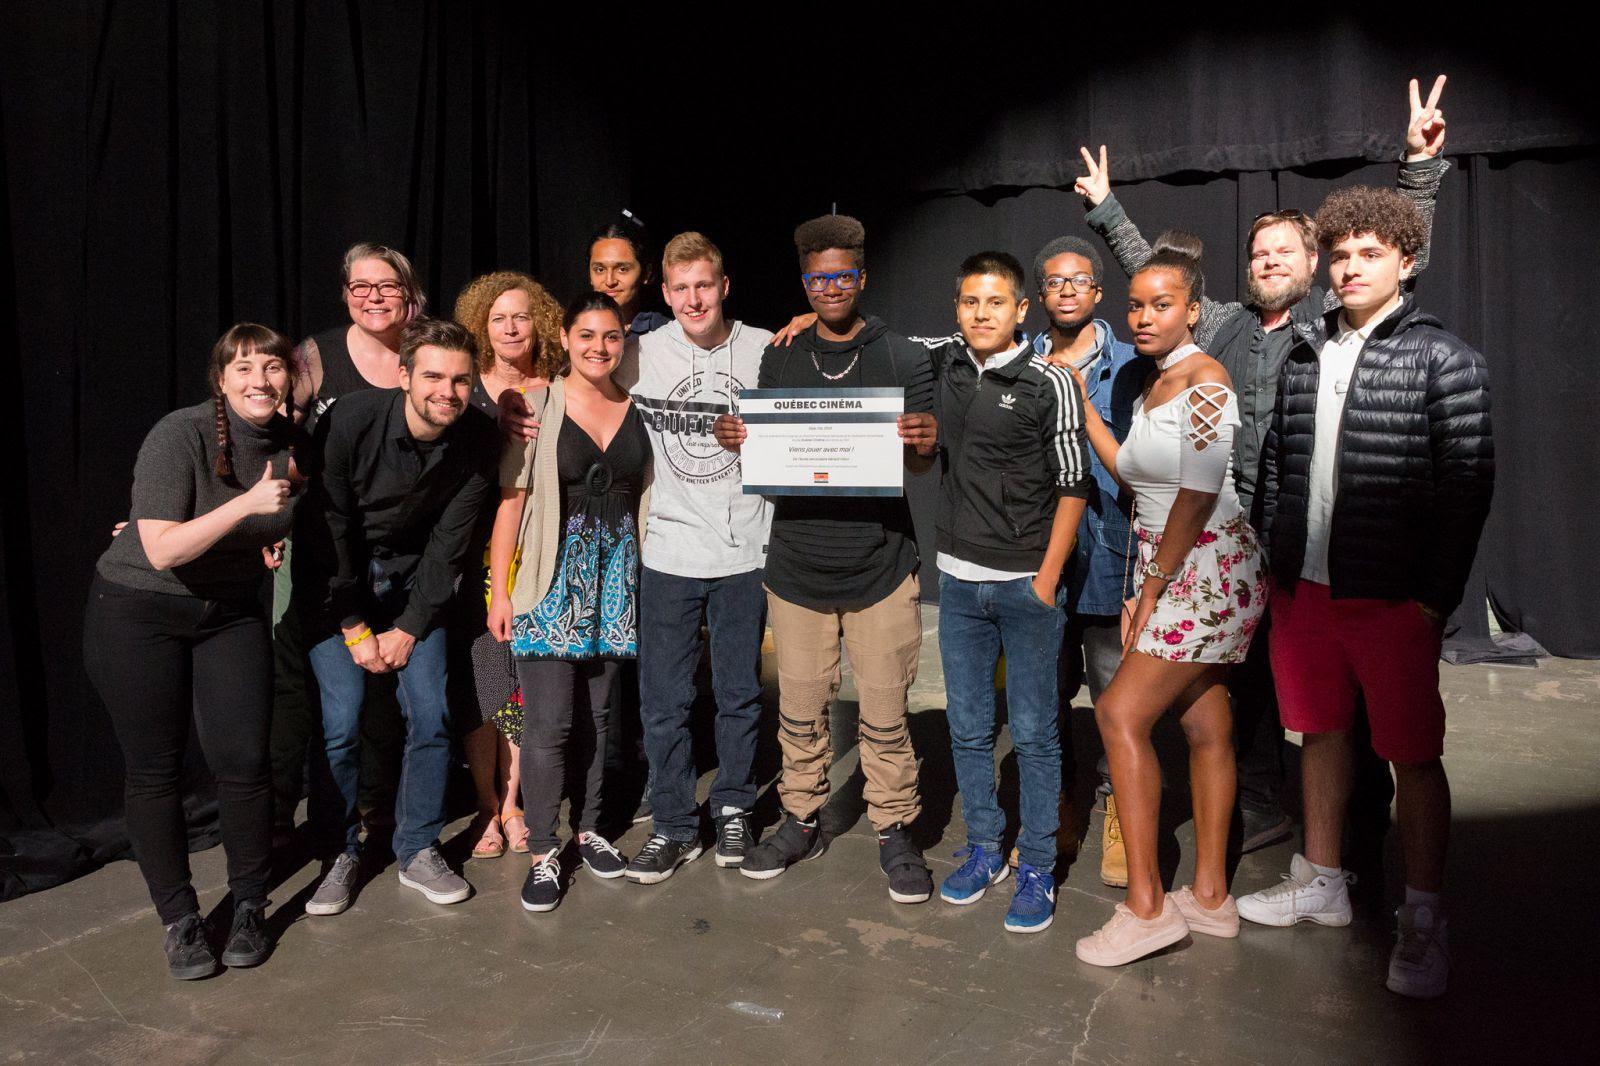 2e Édition du Festival Éducation du Futur - 25 courts métrages en compétition cette année